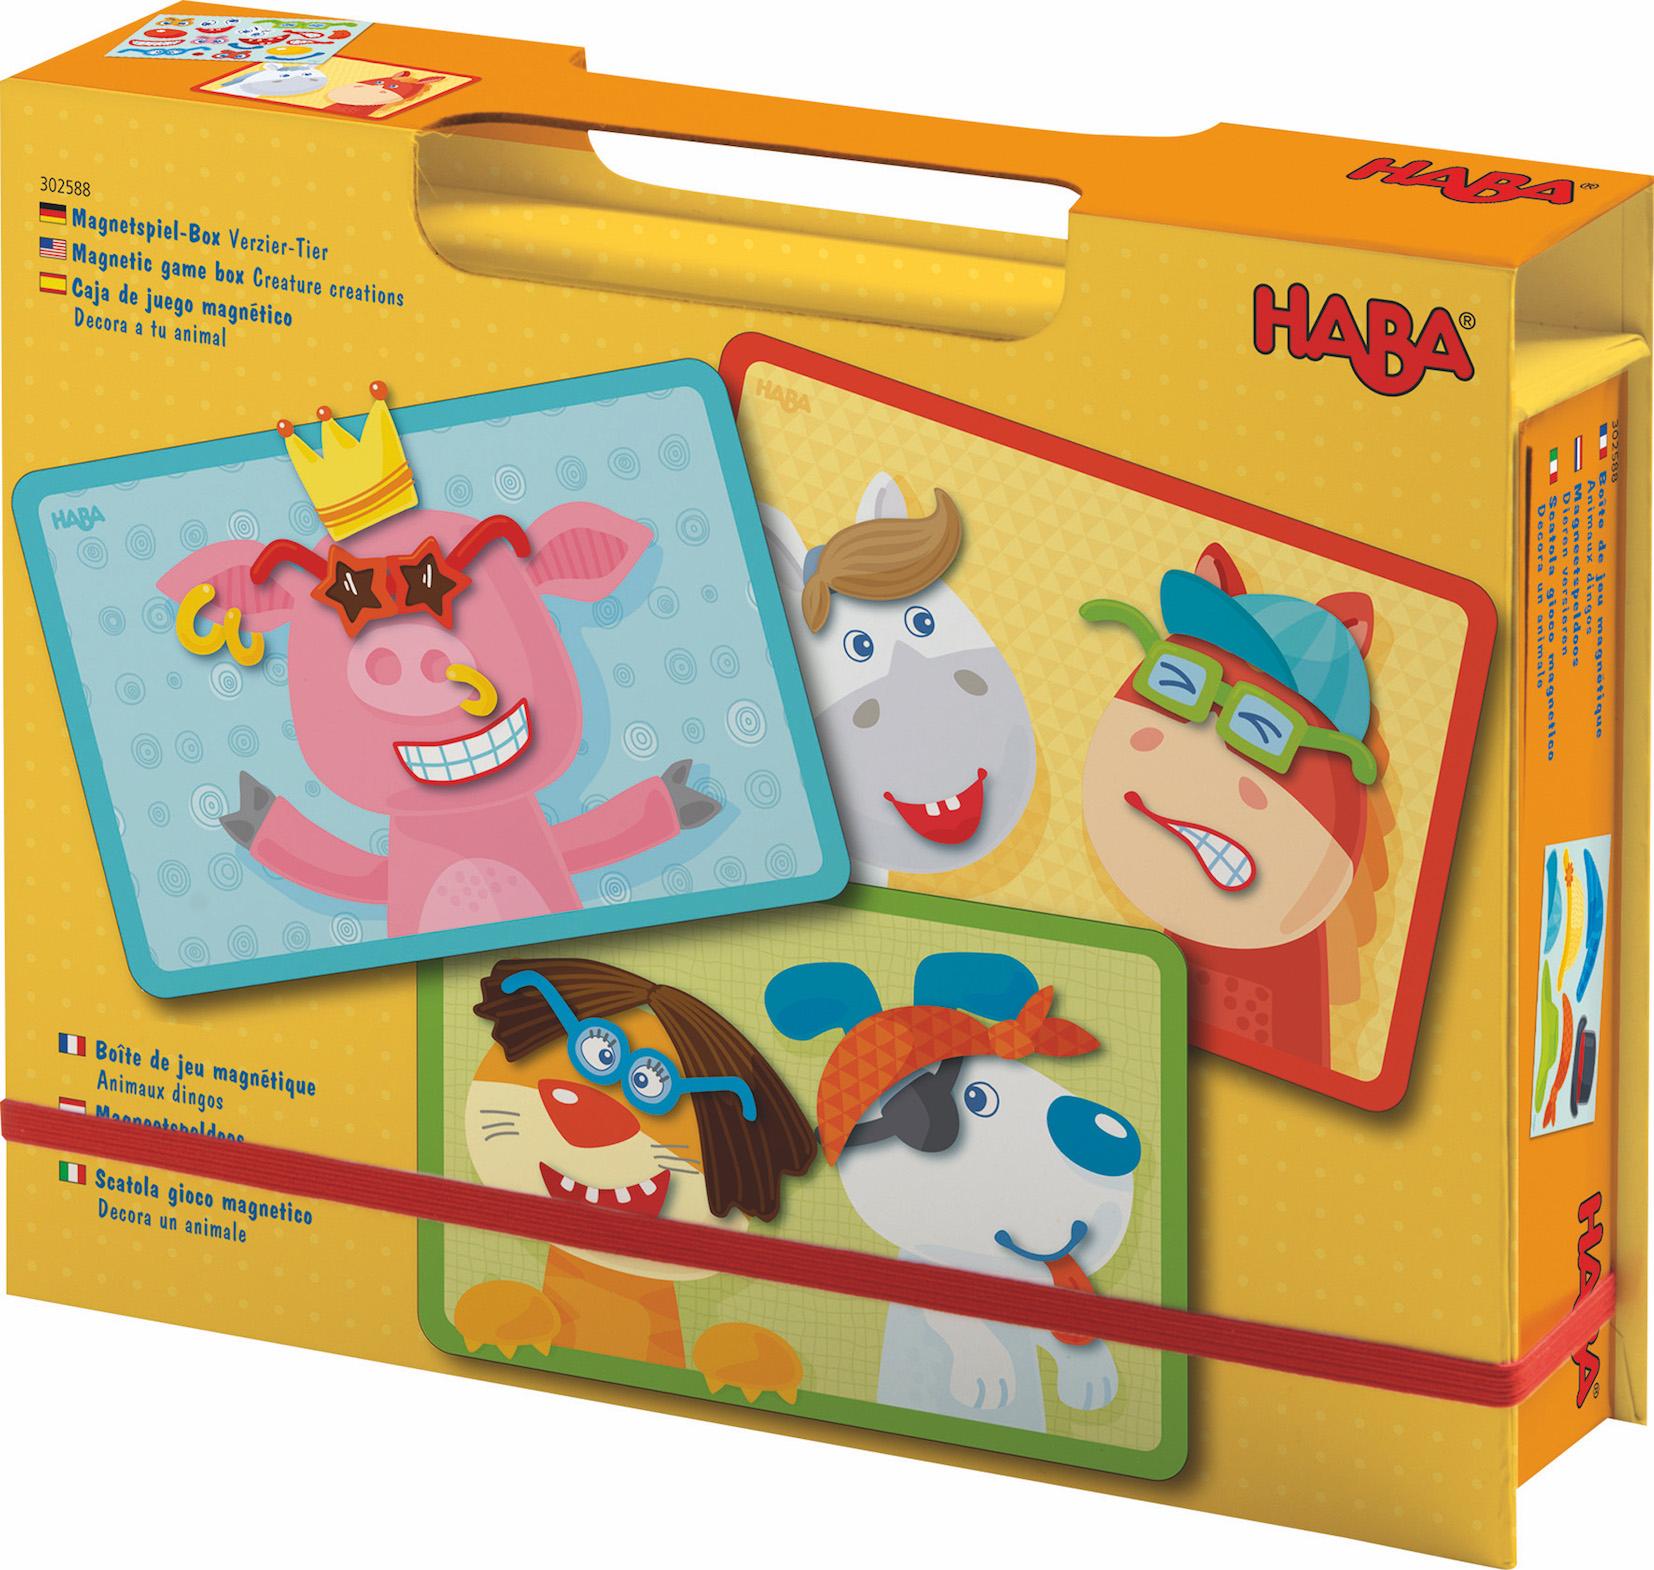 Idées Cadeaux De Noël Pour Enfants De 2 À 5 Ans- Wish List destiné Jeux Pour Enfant De 5 Ans